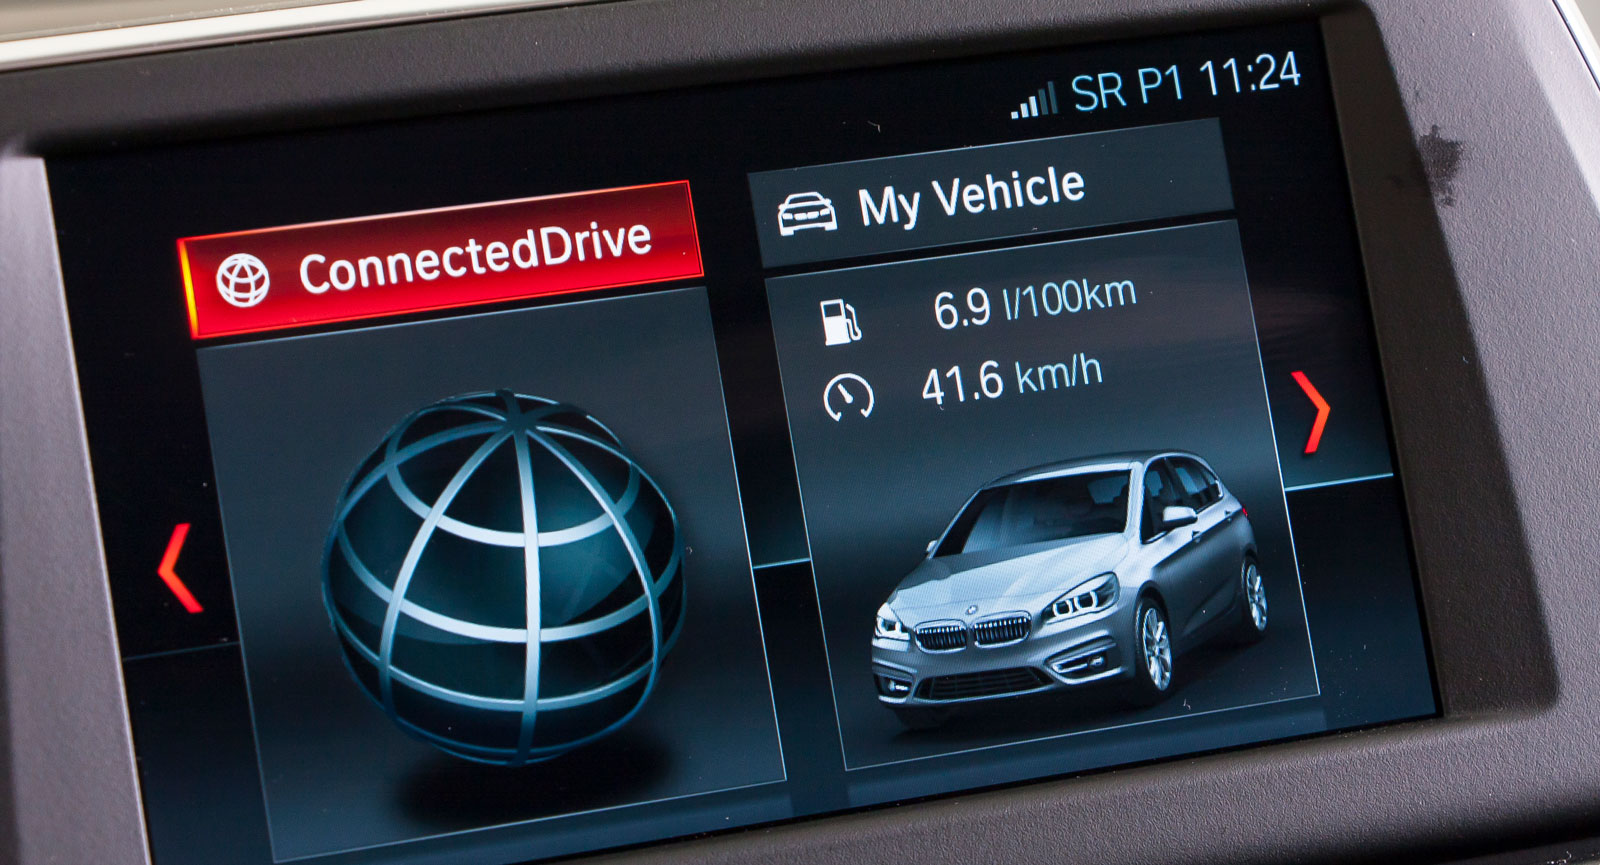 Testbilen hade BMW:s enklaste mediesystem. Det är lätt att sköta med iDrive-vredet  och kringliggande knappar och har en ganska liten men ändå tydlig skärm.